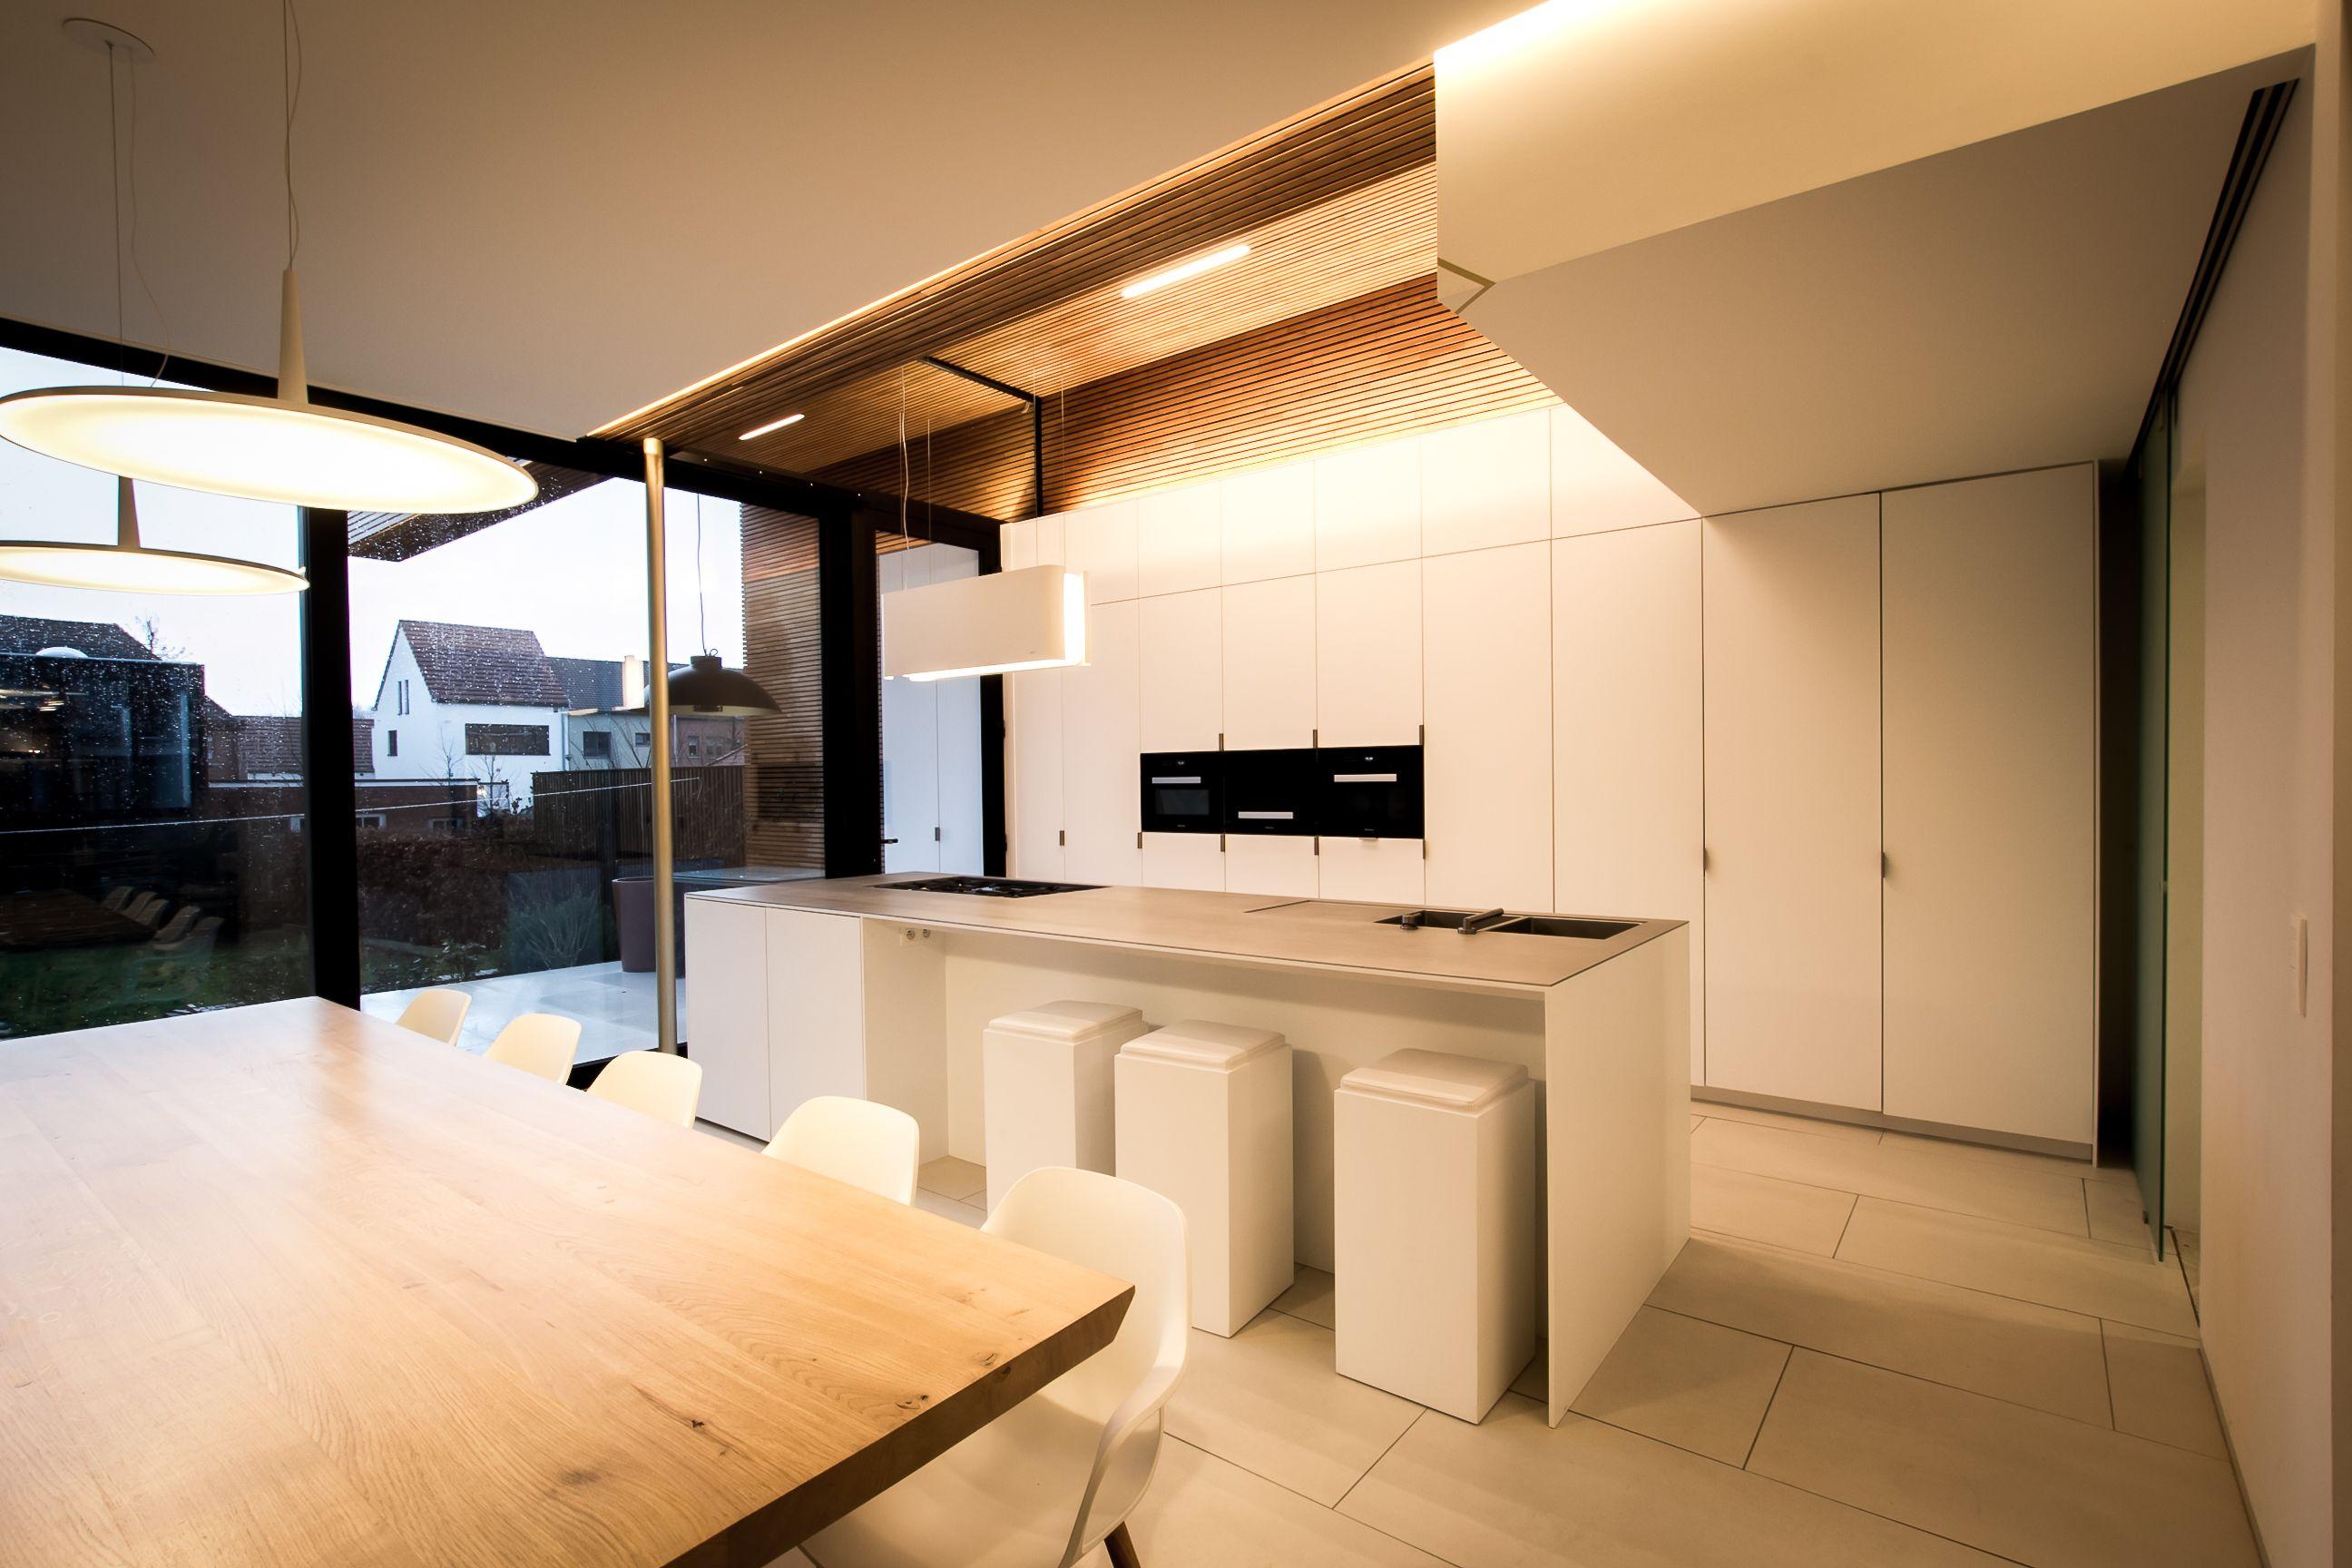 Open Keuken Inspiratie : Keukeninspiratie moderne open keuken met kookeiland leefkeuken